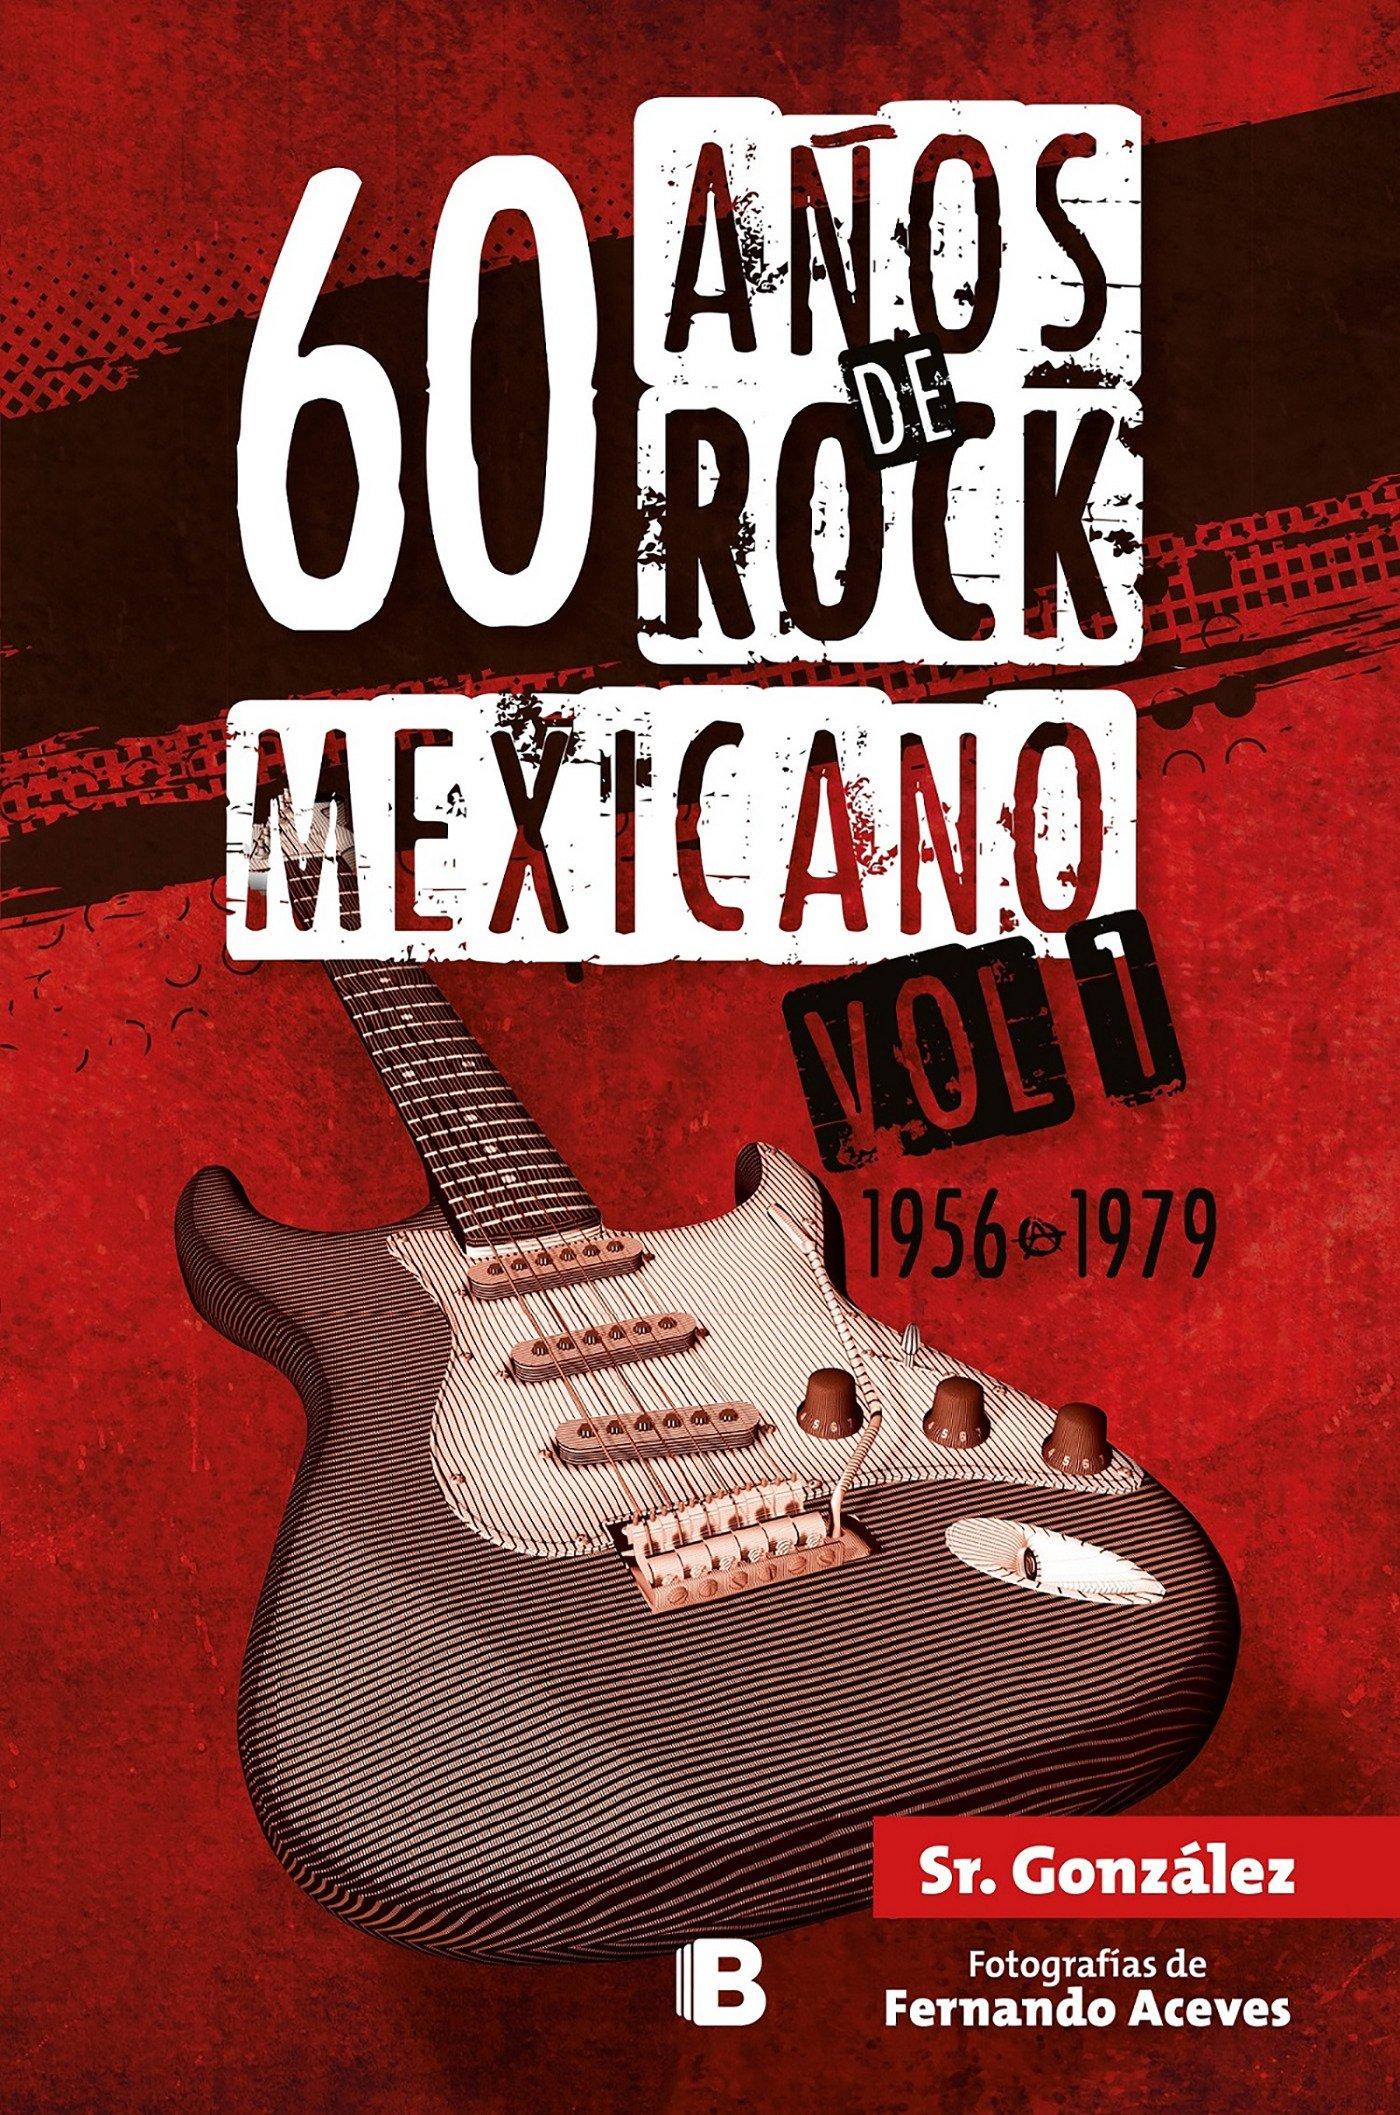 60 años de rock mexicano/60 Years of Mexican Rock: 1956-1979 (Spanish Edition)